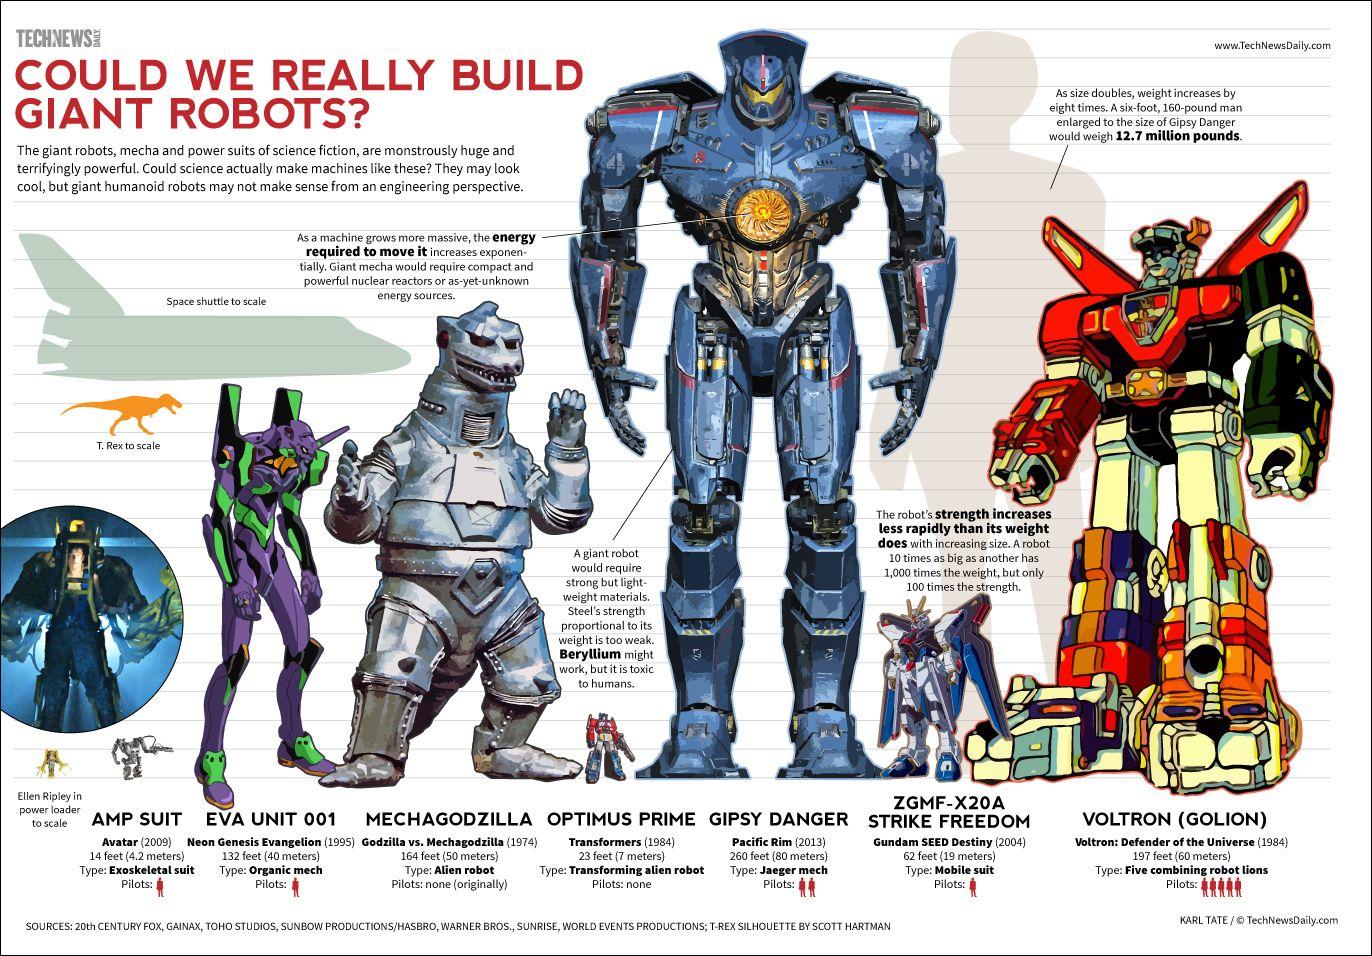 Si, lo sé. ¡Pero me siguen encantando los robots gigantes!